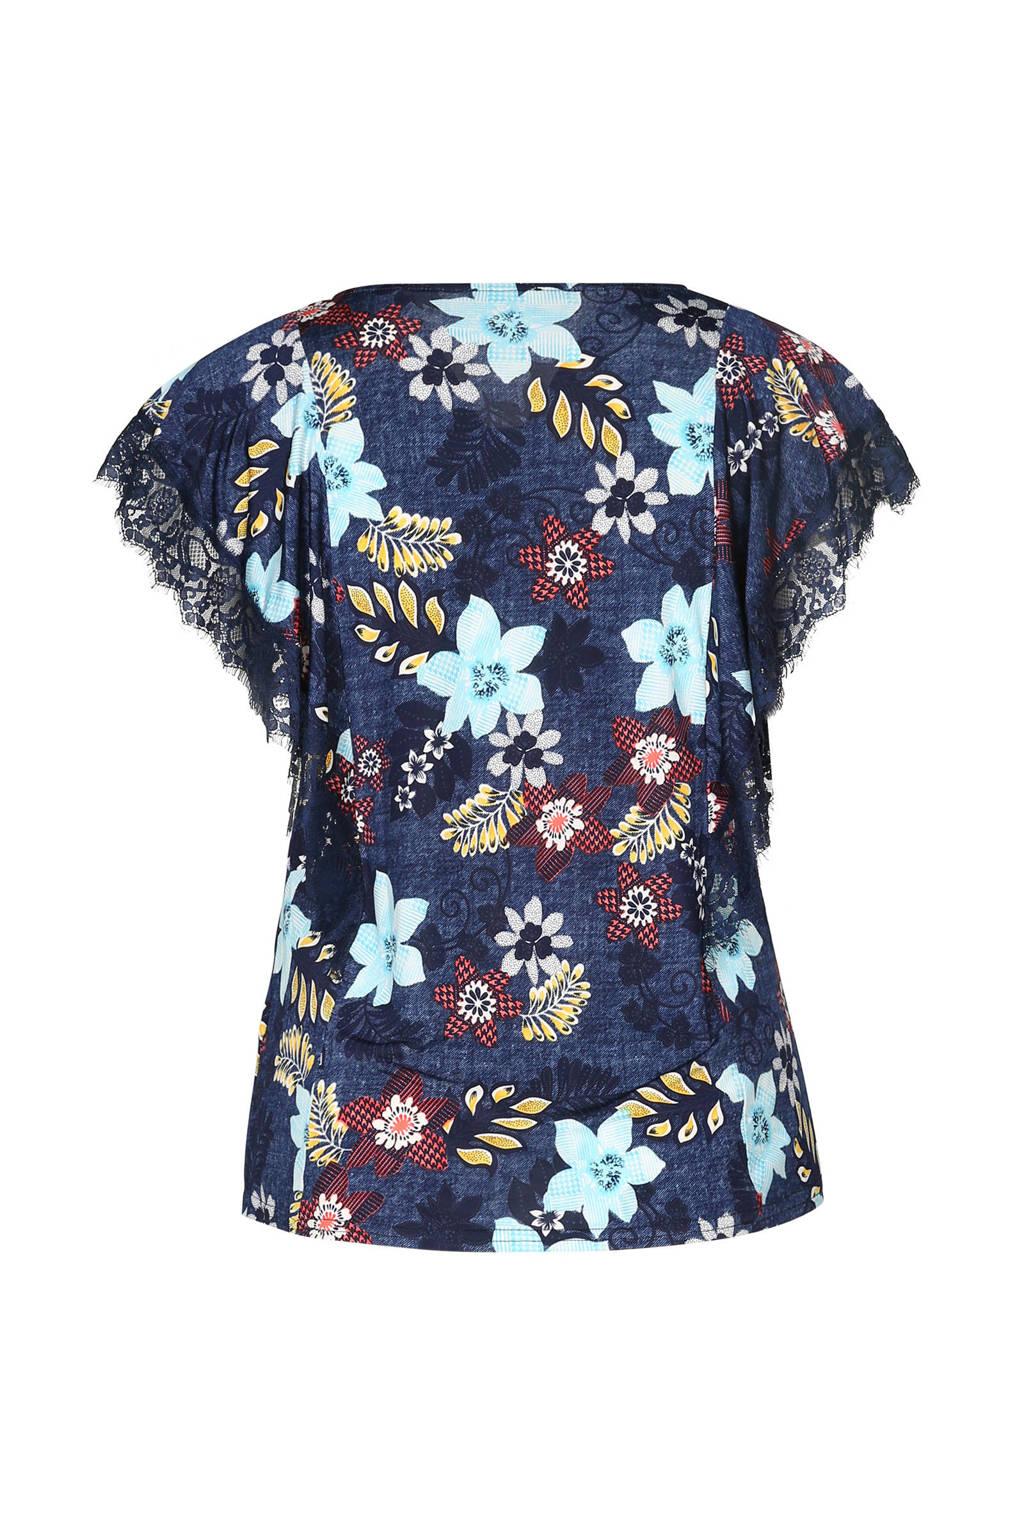 Bloemen Paprikat shirt shirt shirt Paprikat Met Paprikat Met Paprikat shirt Bloemen Met Bloemen qCwxSAa